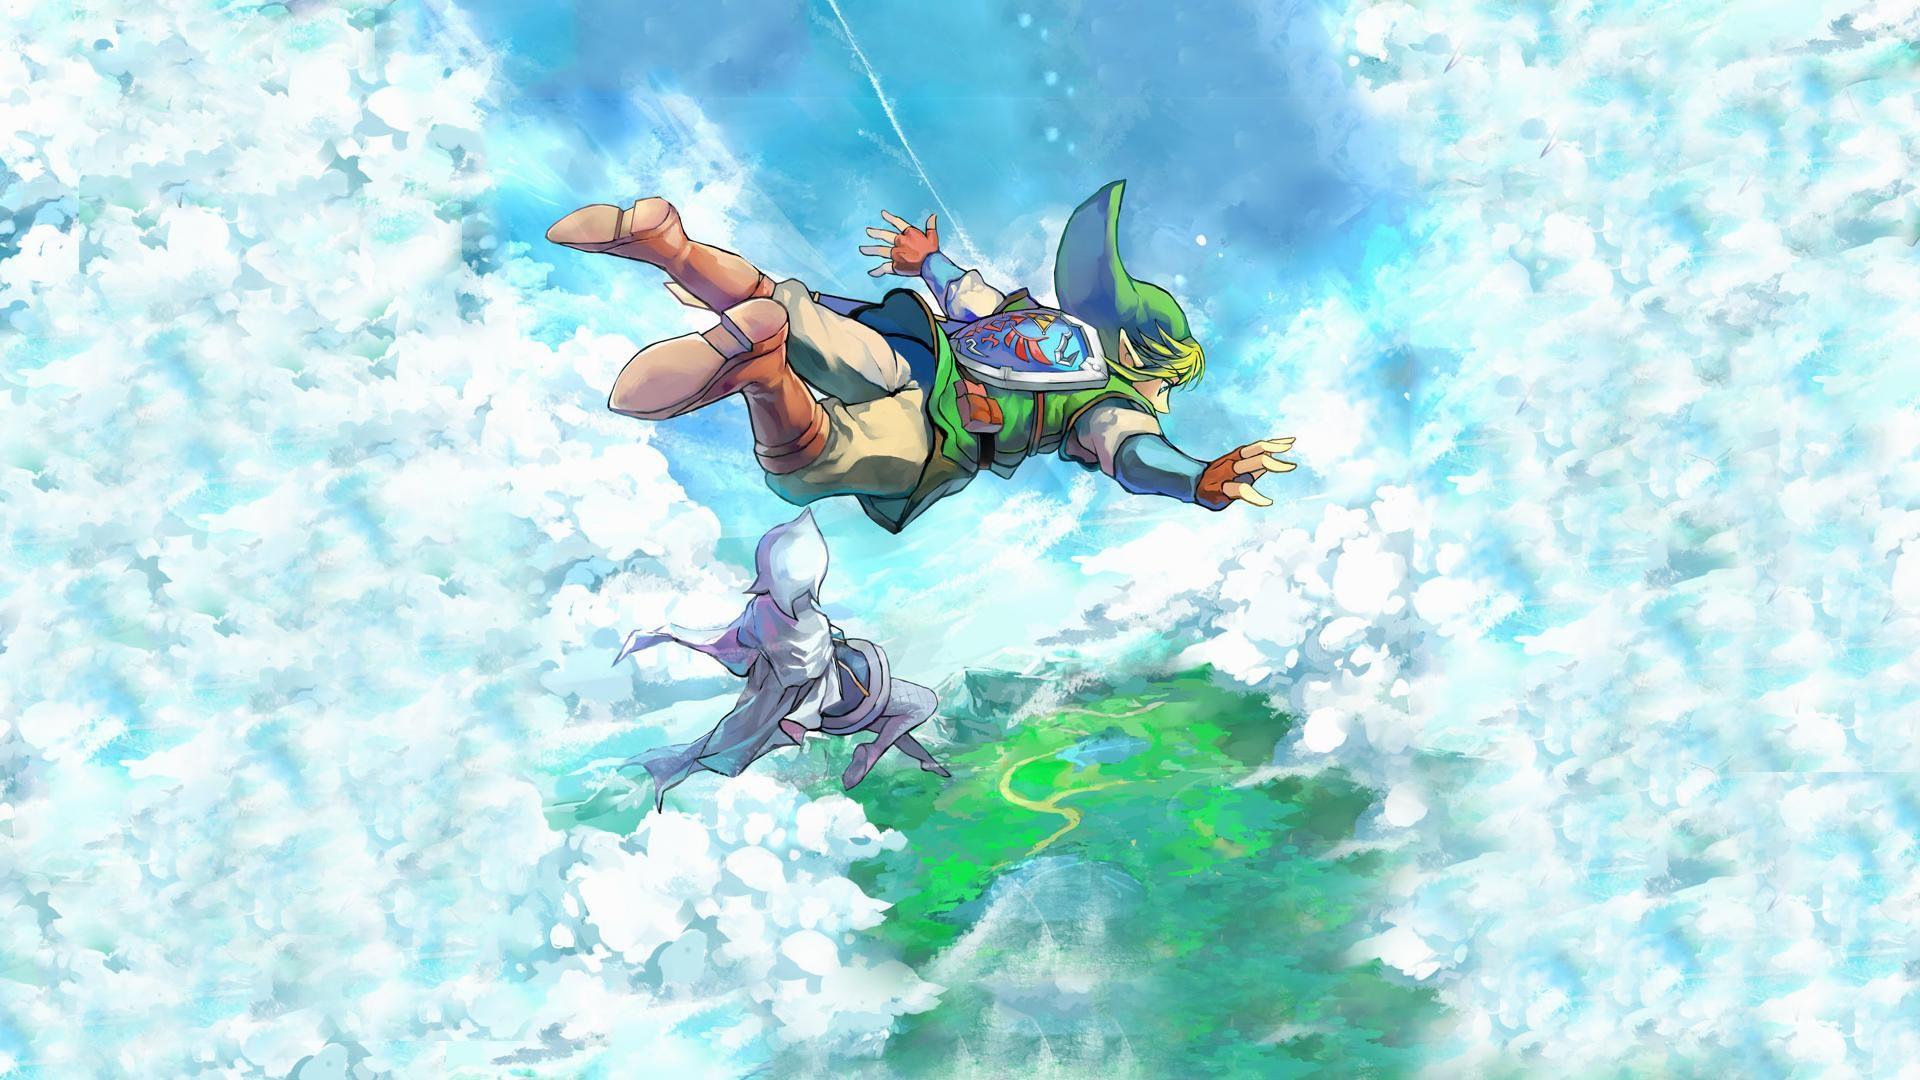 Zelda-Backgrounds-wallpaper-free